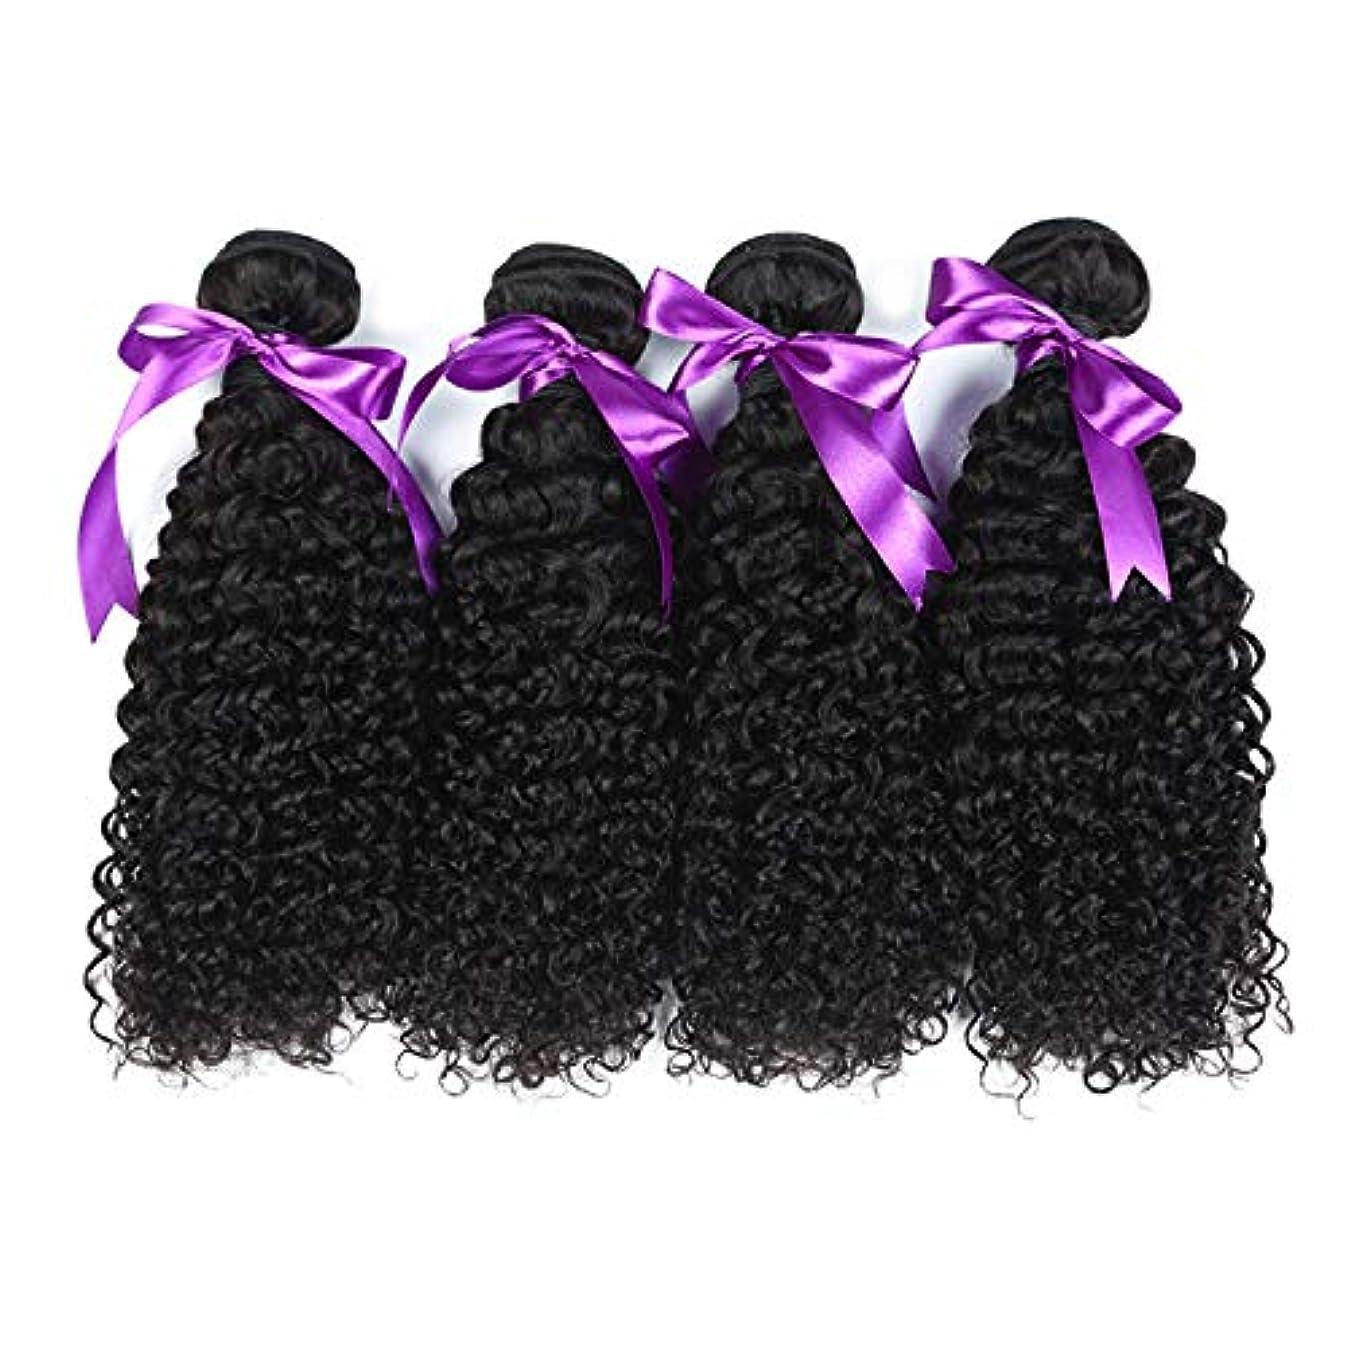 暴動ブレース無効にするマレーシアの巻き毛の束8-28インチ100%の人間の毛髪は、Remyの毛のナチュラルカラー4個の巻き毛の束を織ります (Stretched Length : 14 16 18 20)